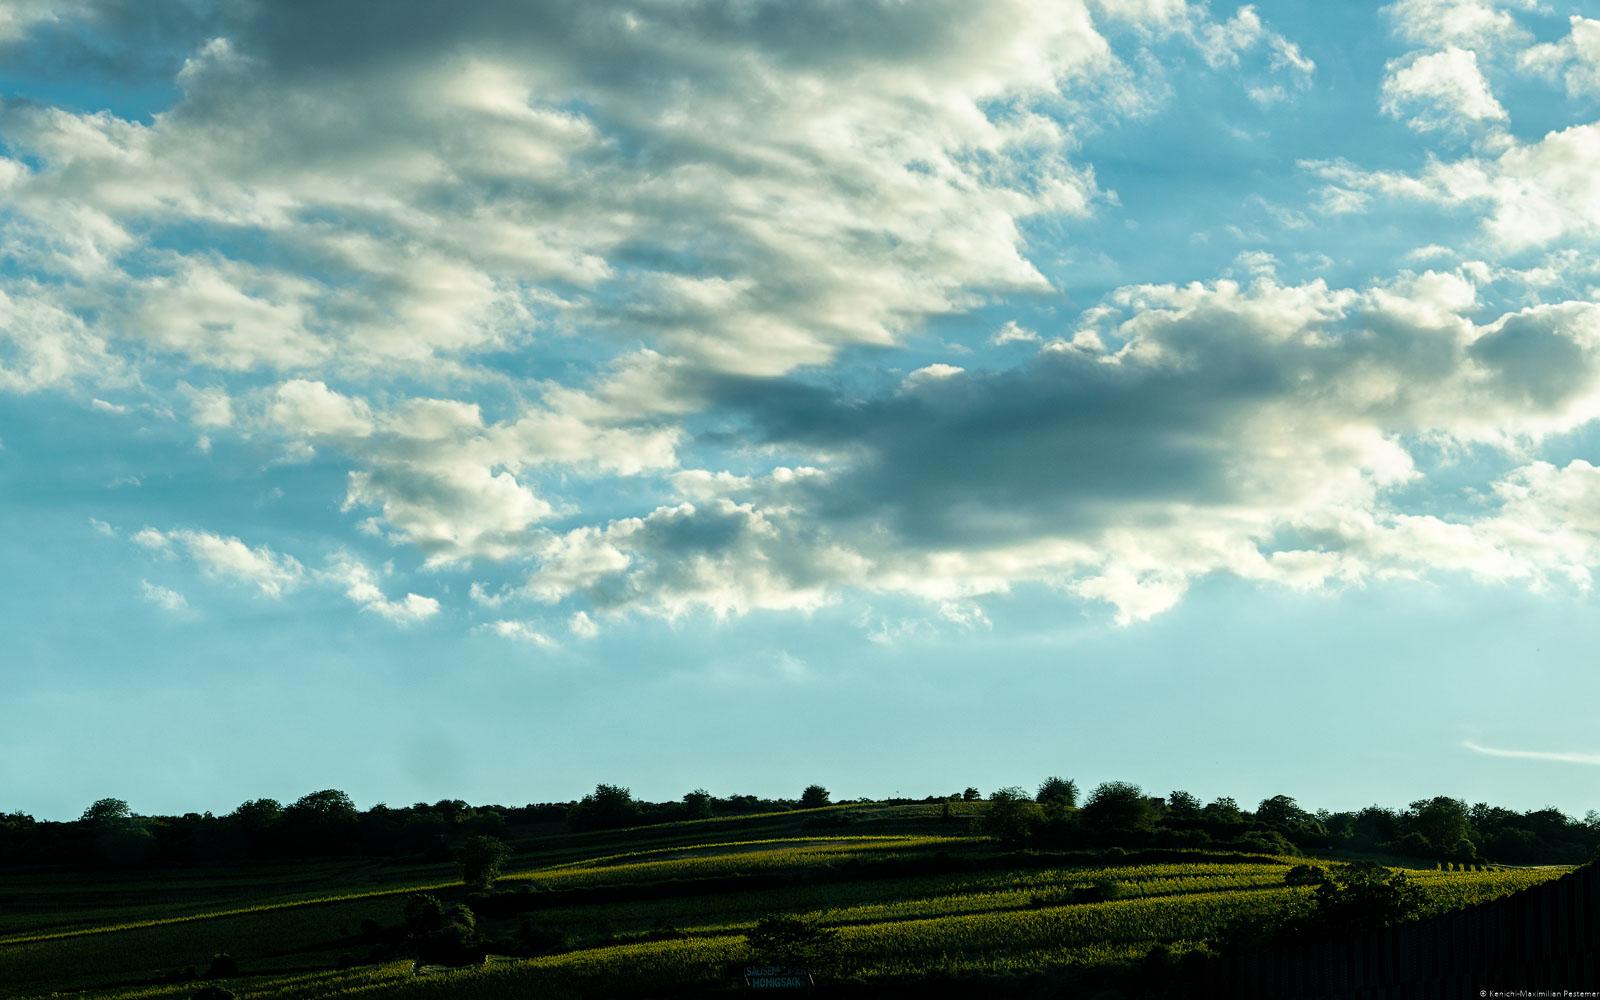 Weinberg Sausenheimer Honigsack beim Sonnenuntergang am frühen Abend. Am blauen Himmel der Weinregion Pfalz sind Wolken. Man erkennt einige Bäume auf dem Weinberg von dem bekannte Pfälzer Weine kommen.